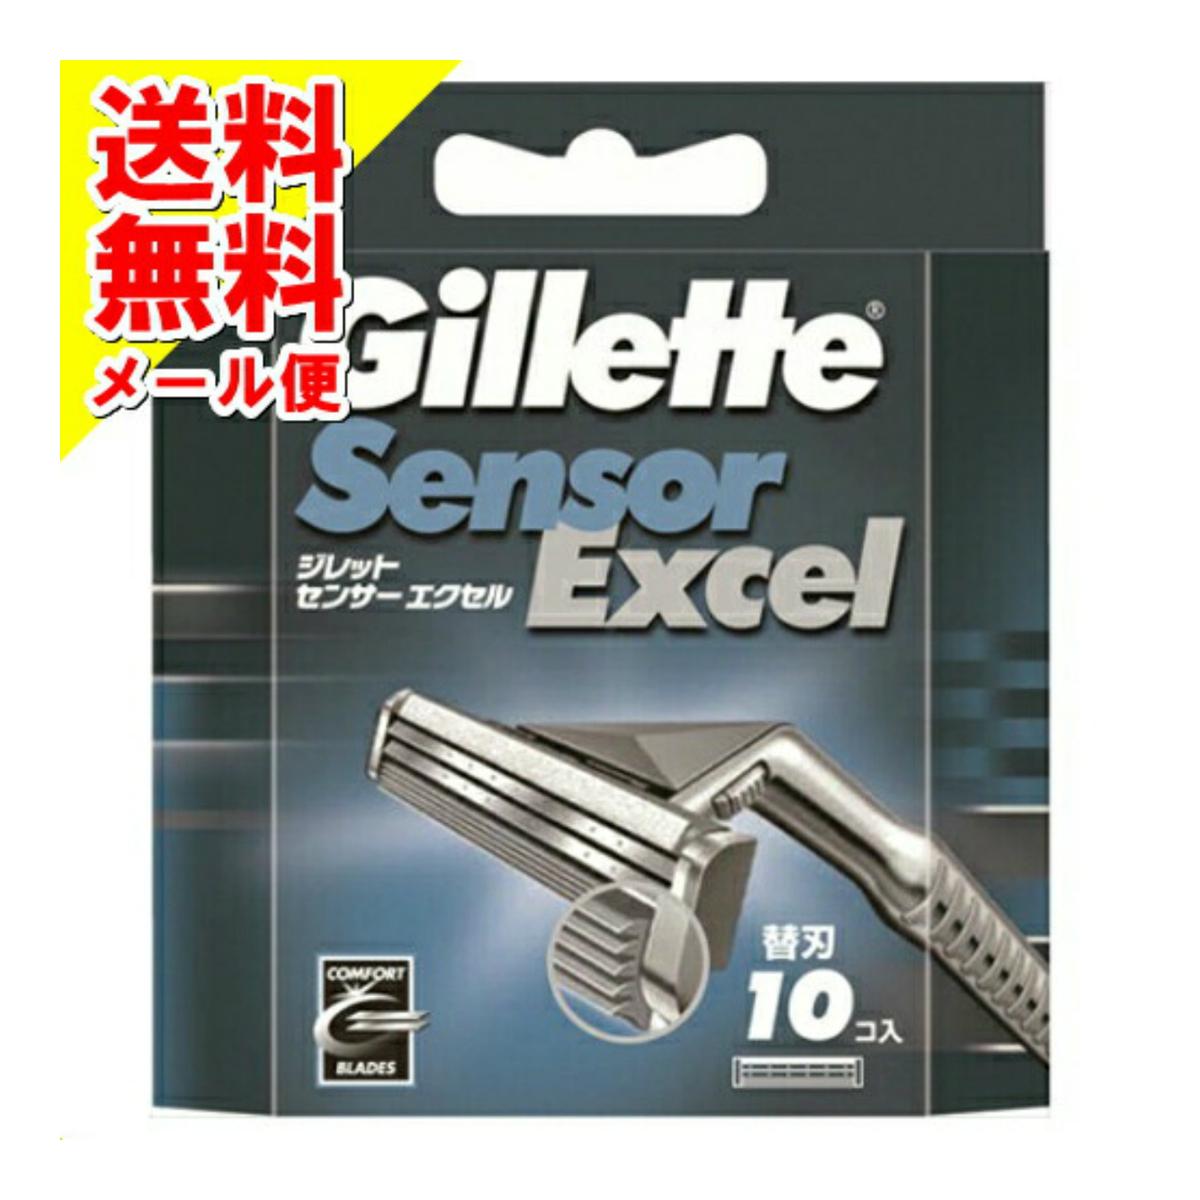 【メール便】【ジレット】【ジレツト】ジレット センサーエクセル専用替刃 10個入【10個】